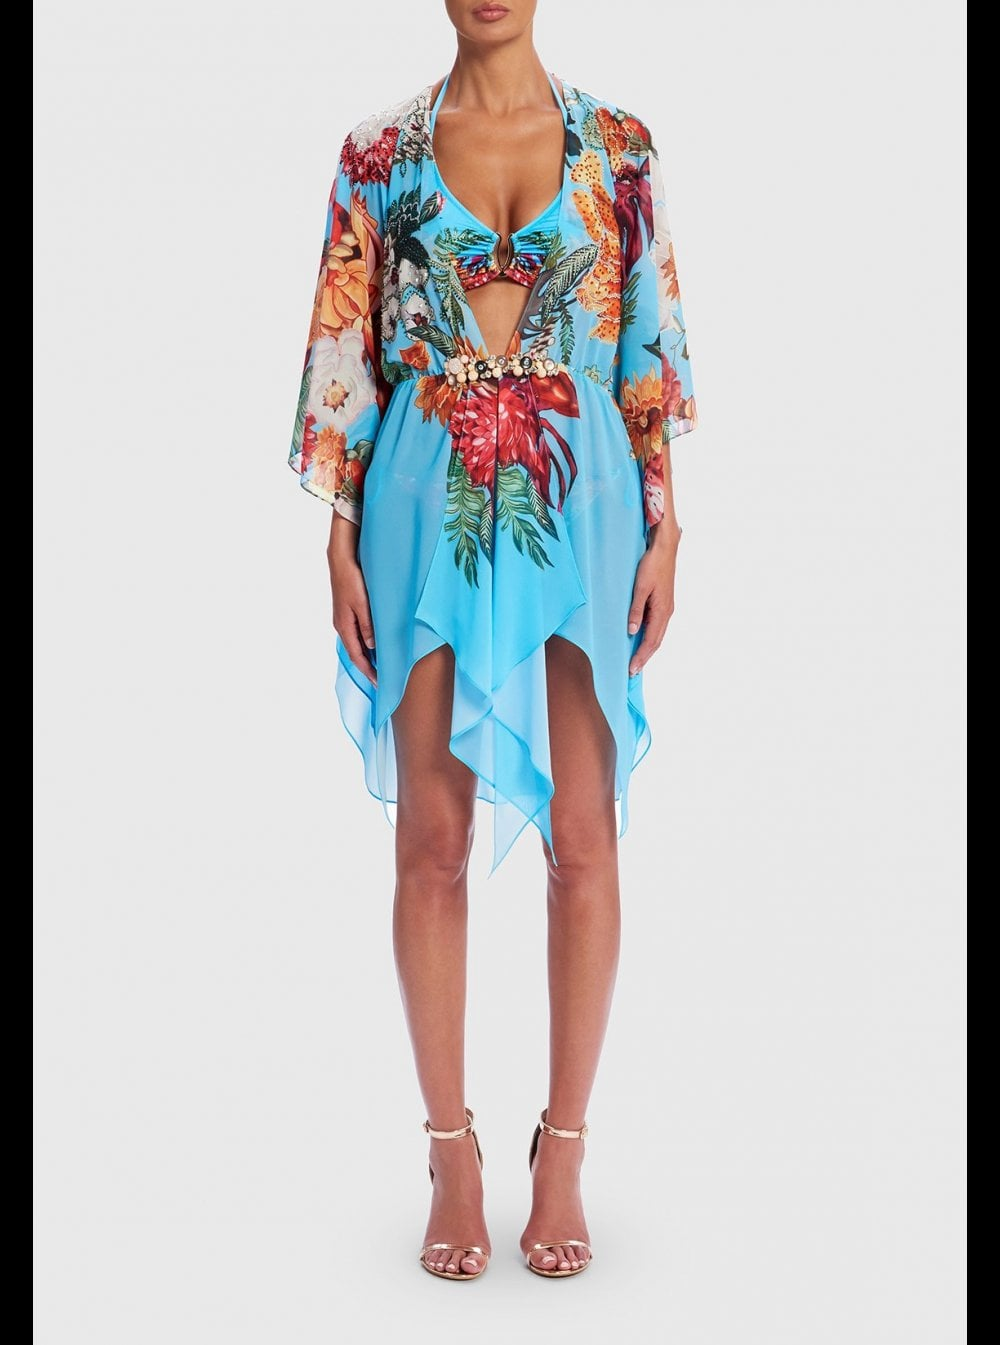 7a38de8de9 Forever Unique Beachwear | Nerine |Floral Kaftan Dress-Honeys Lingerie